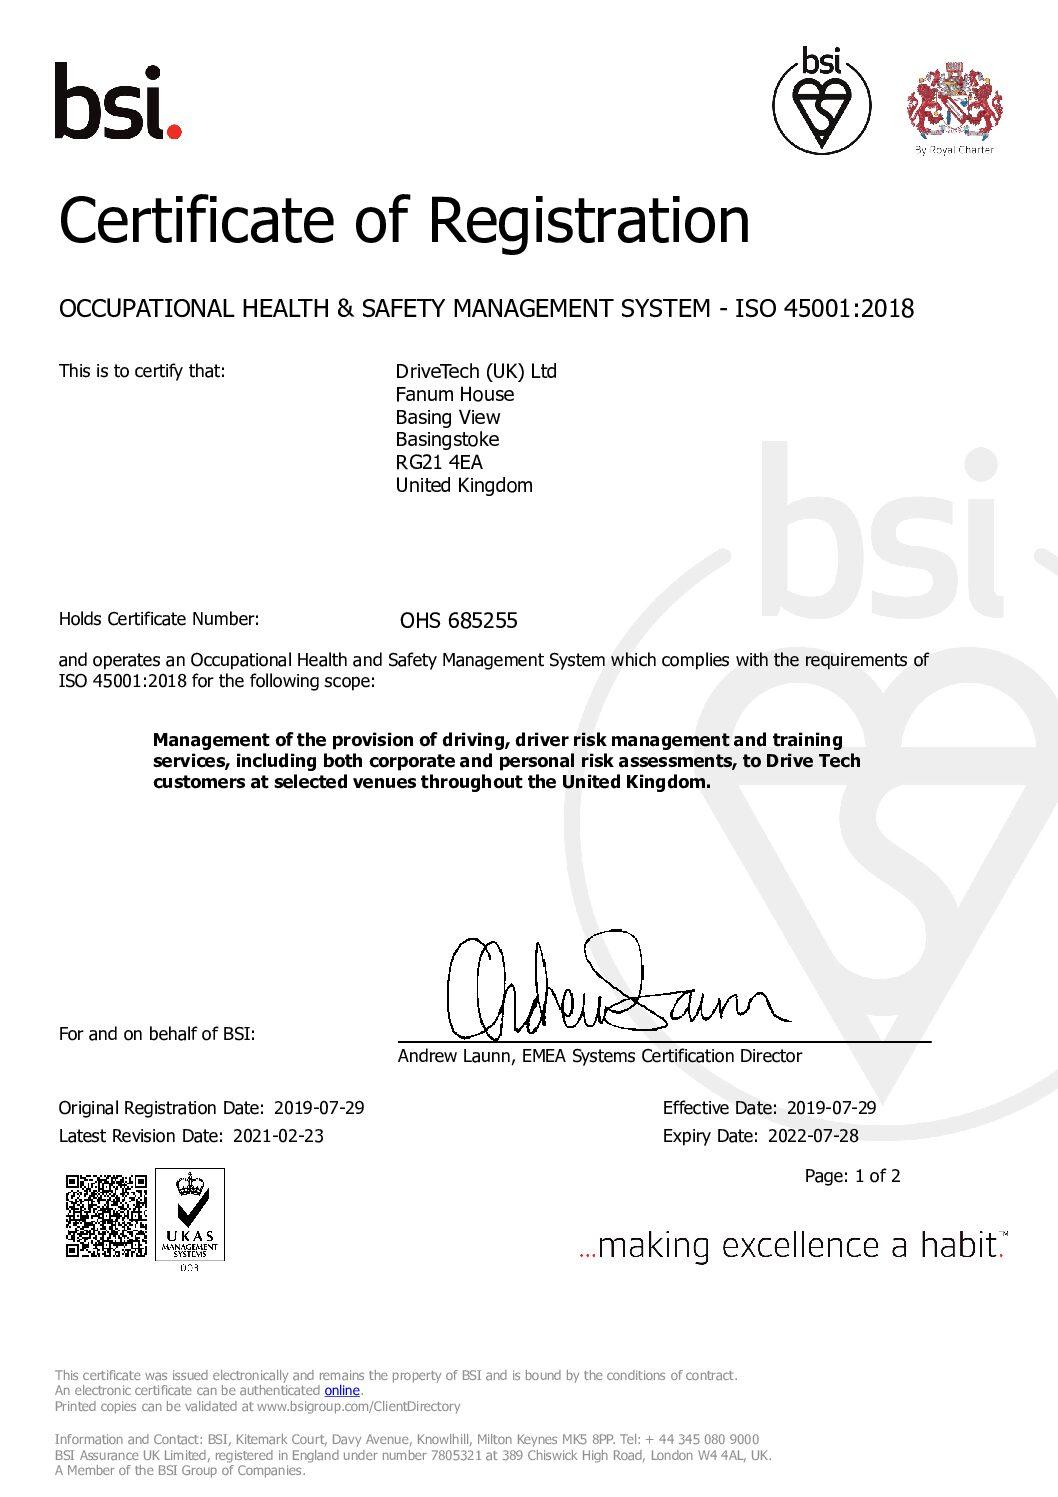 BSI ISO 45001 Certificate